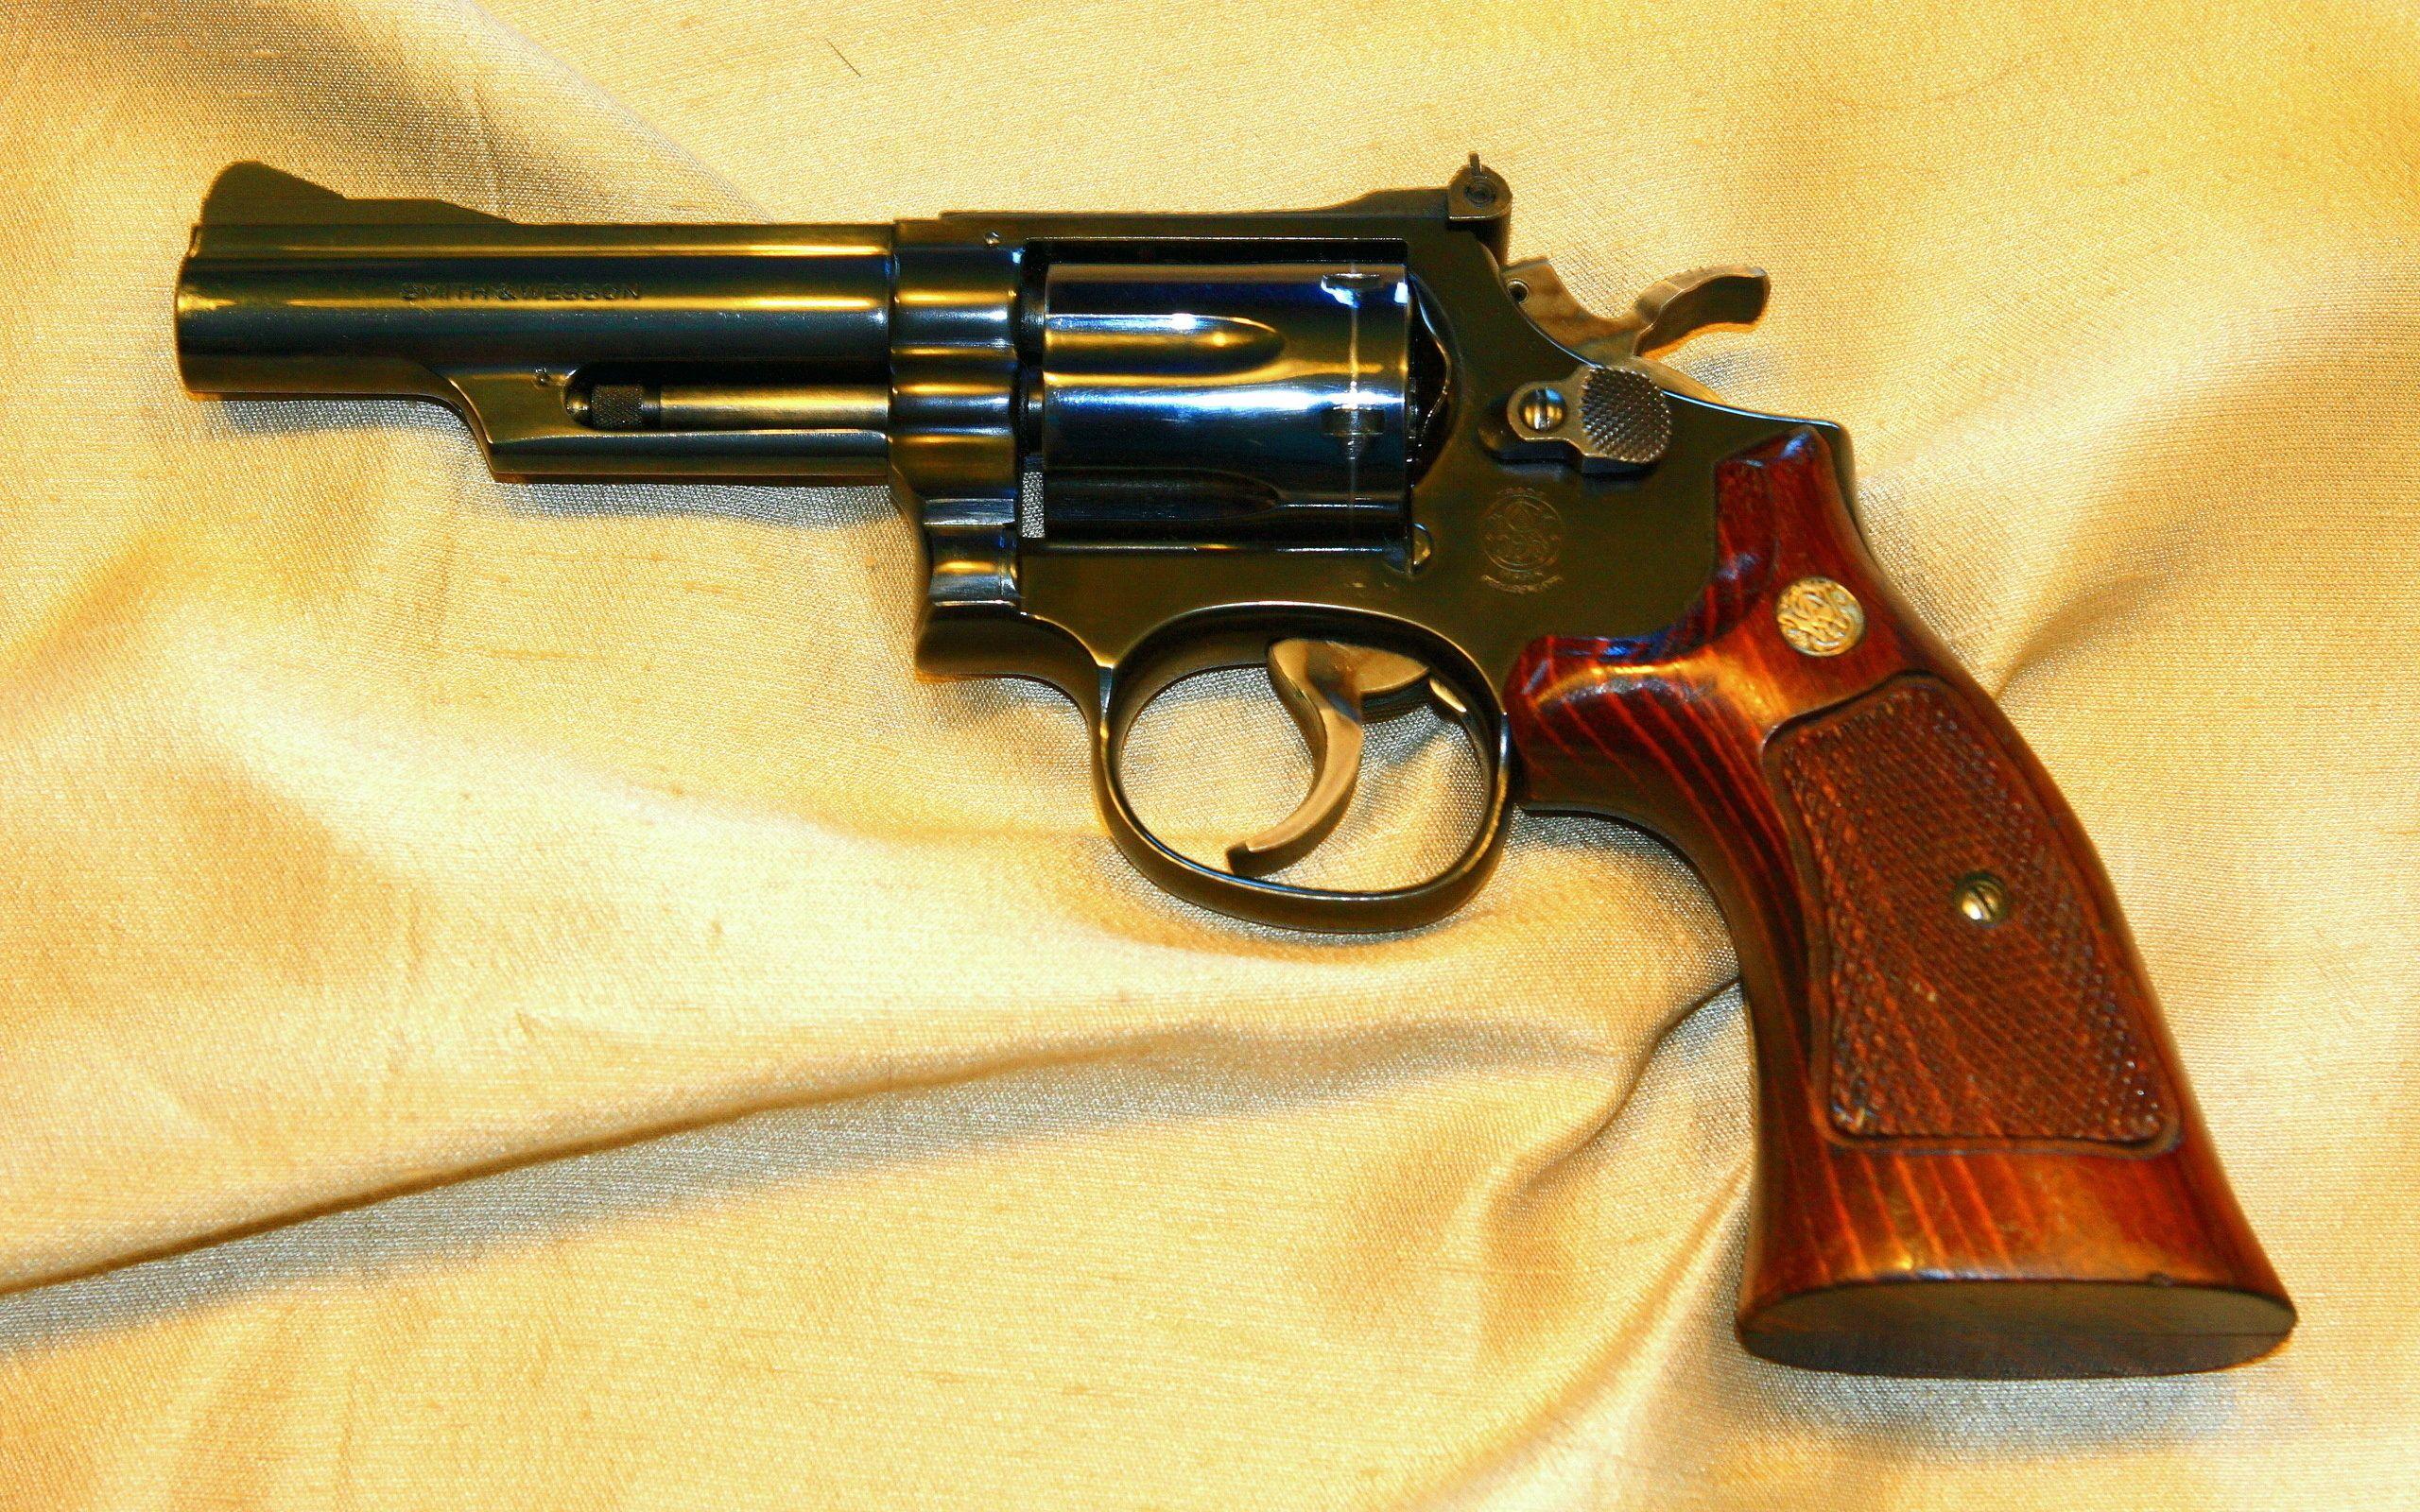 Smith & Wesson Model 19-4 357 Magnum обои скачать